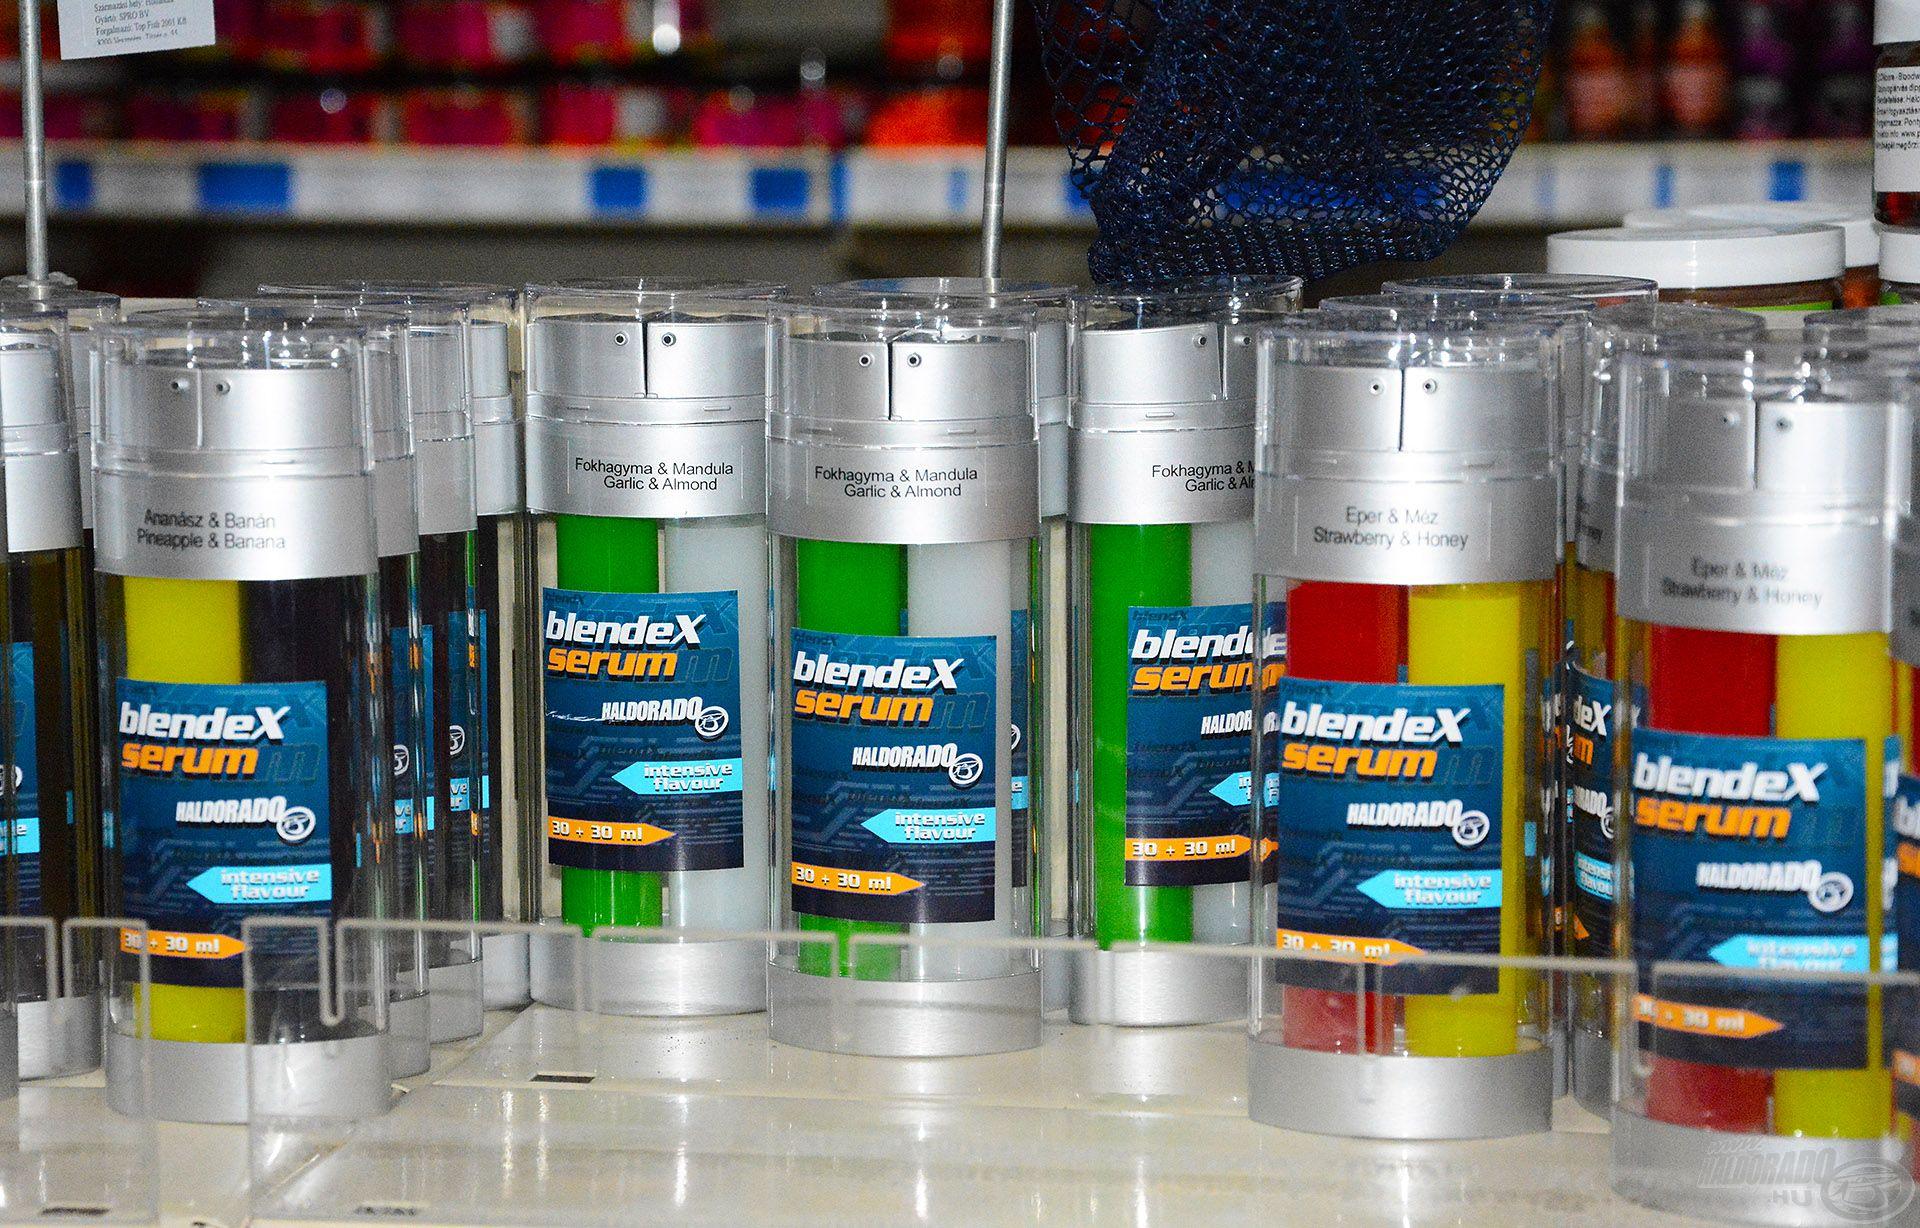 ...akárcsak a BlendeX Serum aromák, melyek közül magasan a Fokhagyma+Mandula ízváltozat vezeti a statisztikát